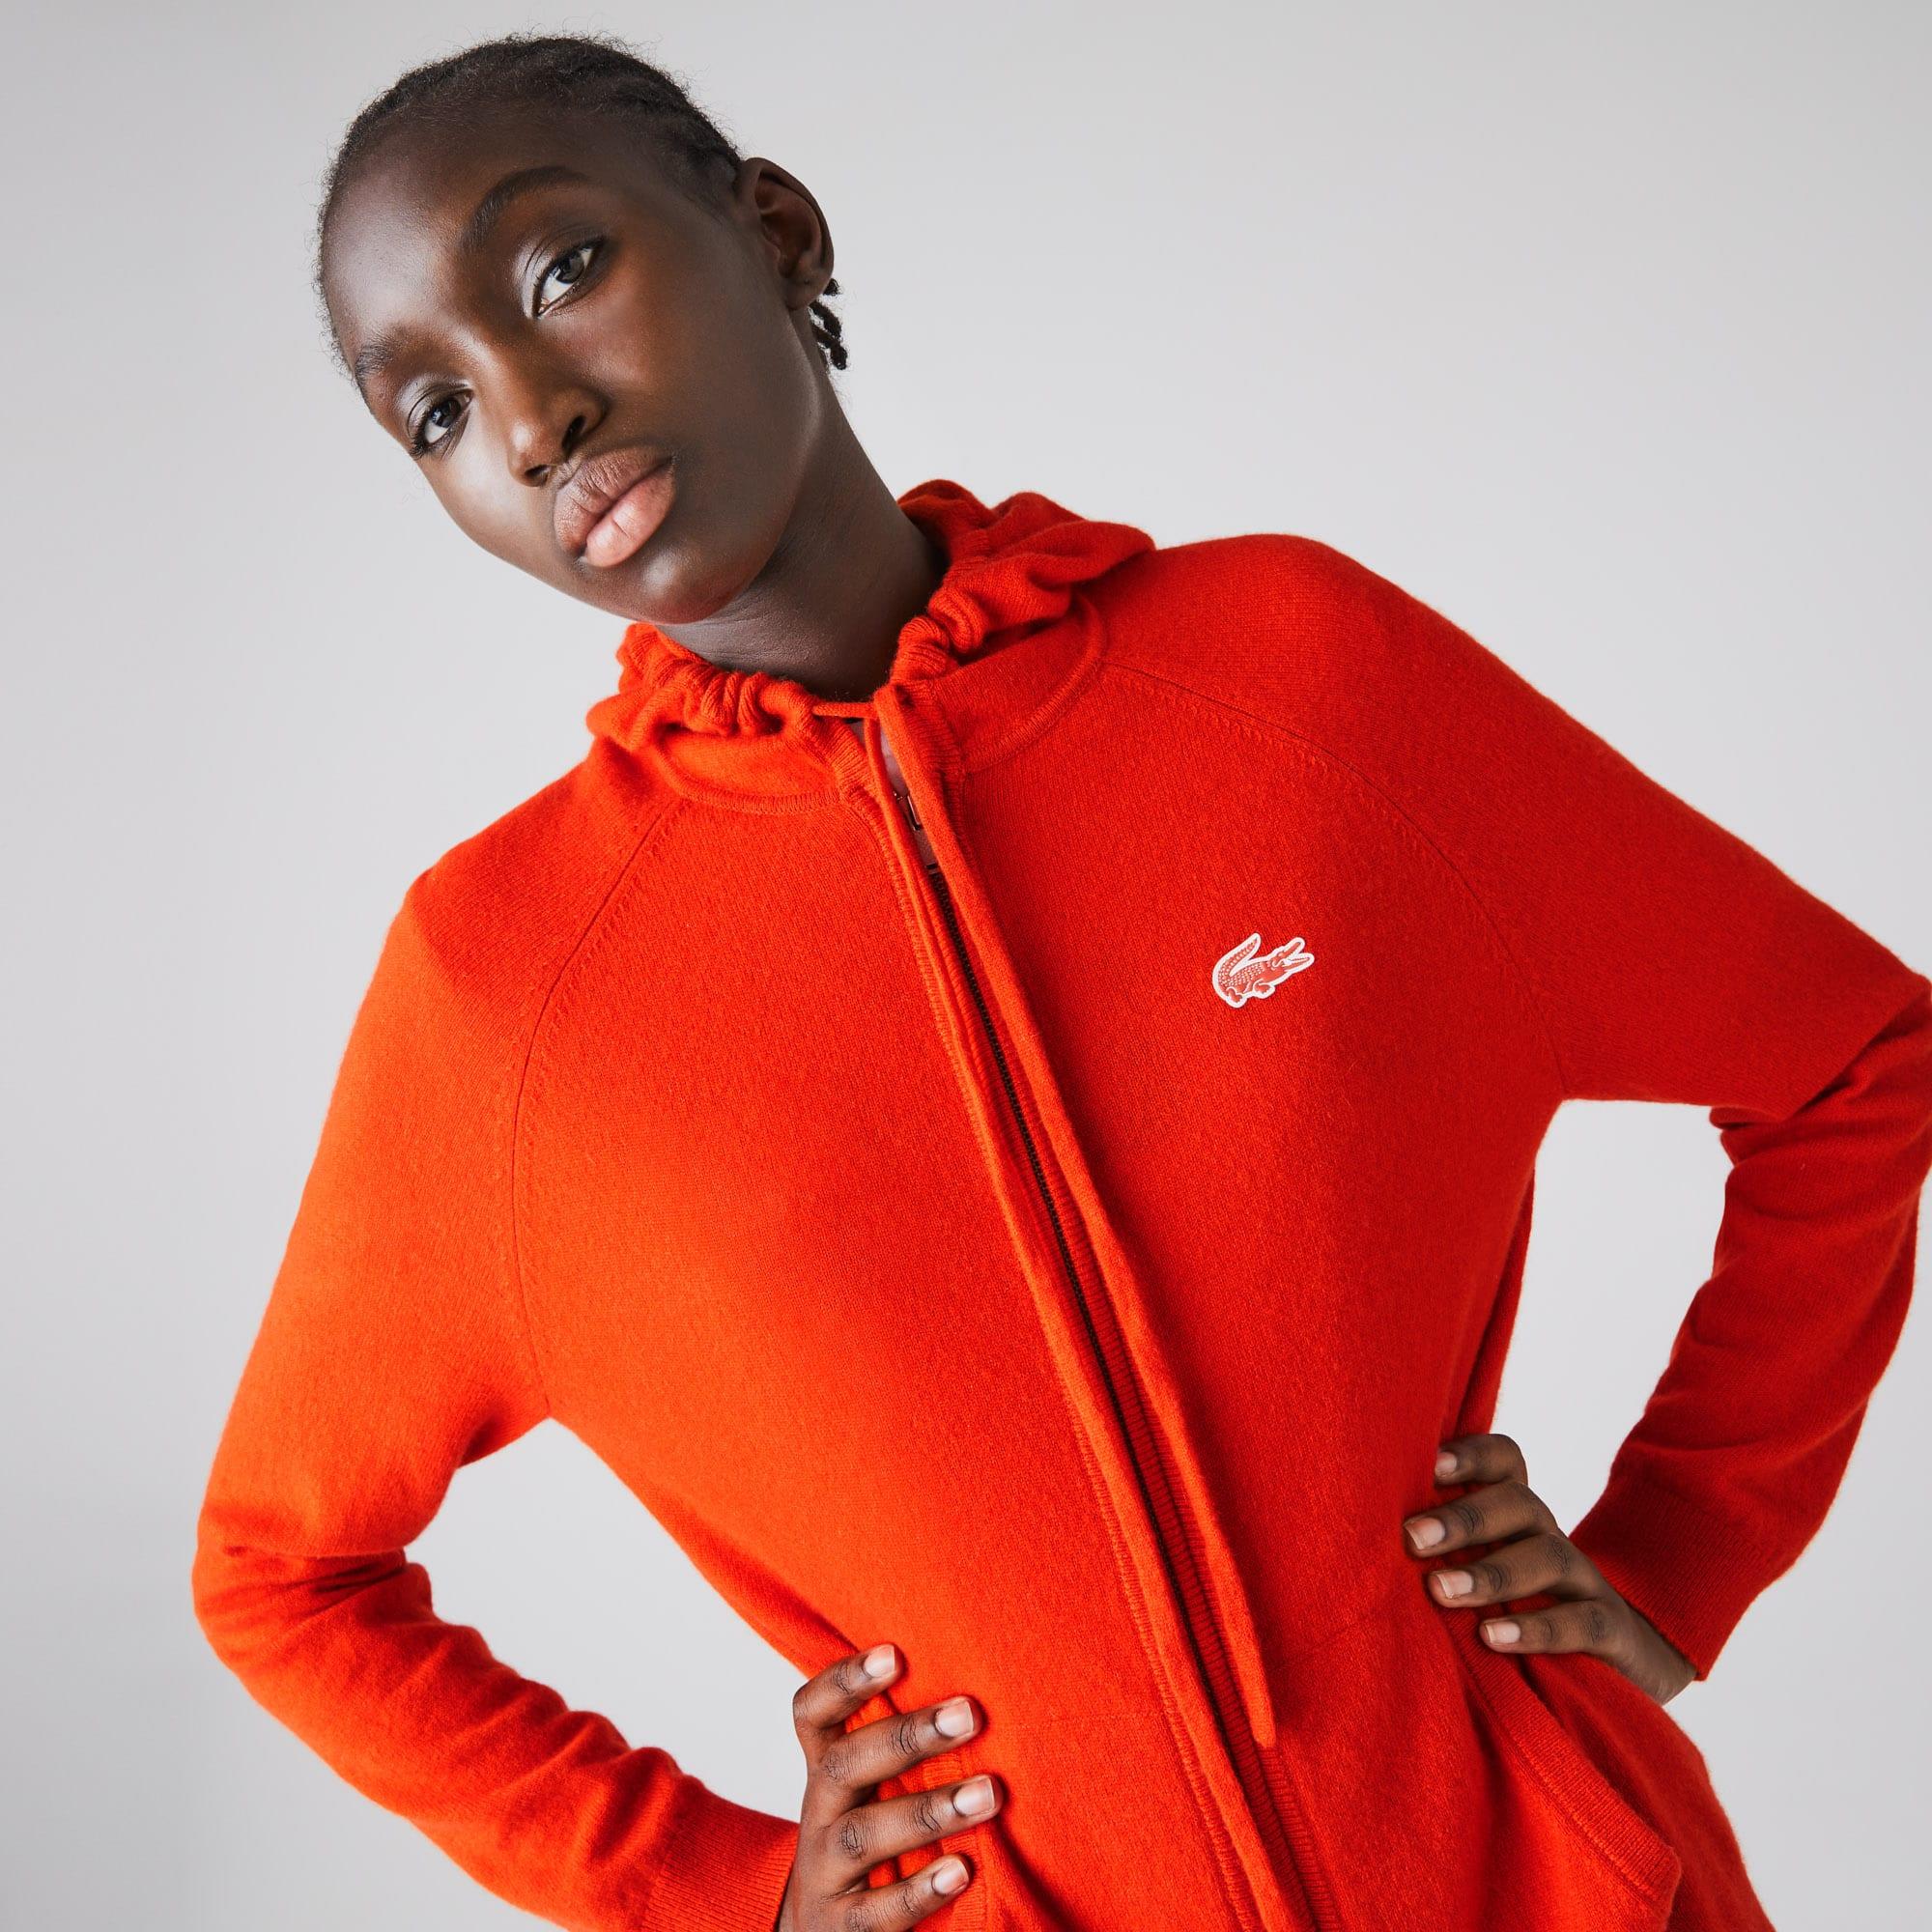 라코스테 스포츠 우먼 캐시미어 집업 스웨터 Lacoste Womens SPORT Recycled Cashmere Zip Sweater,Red